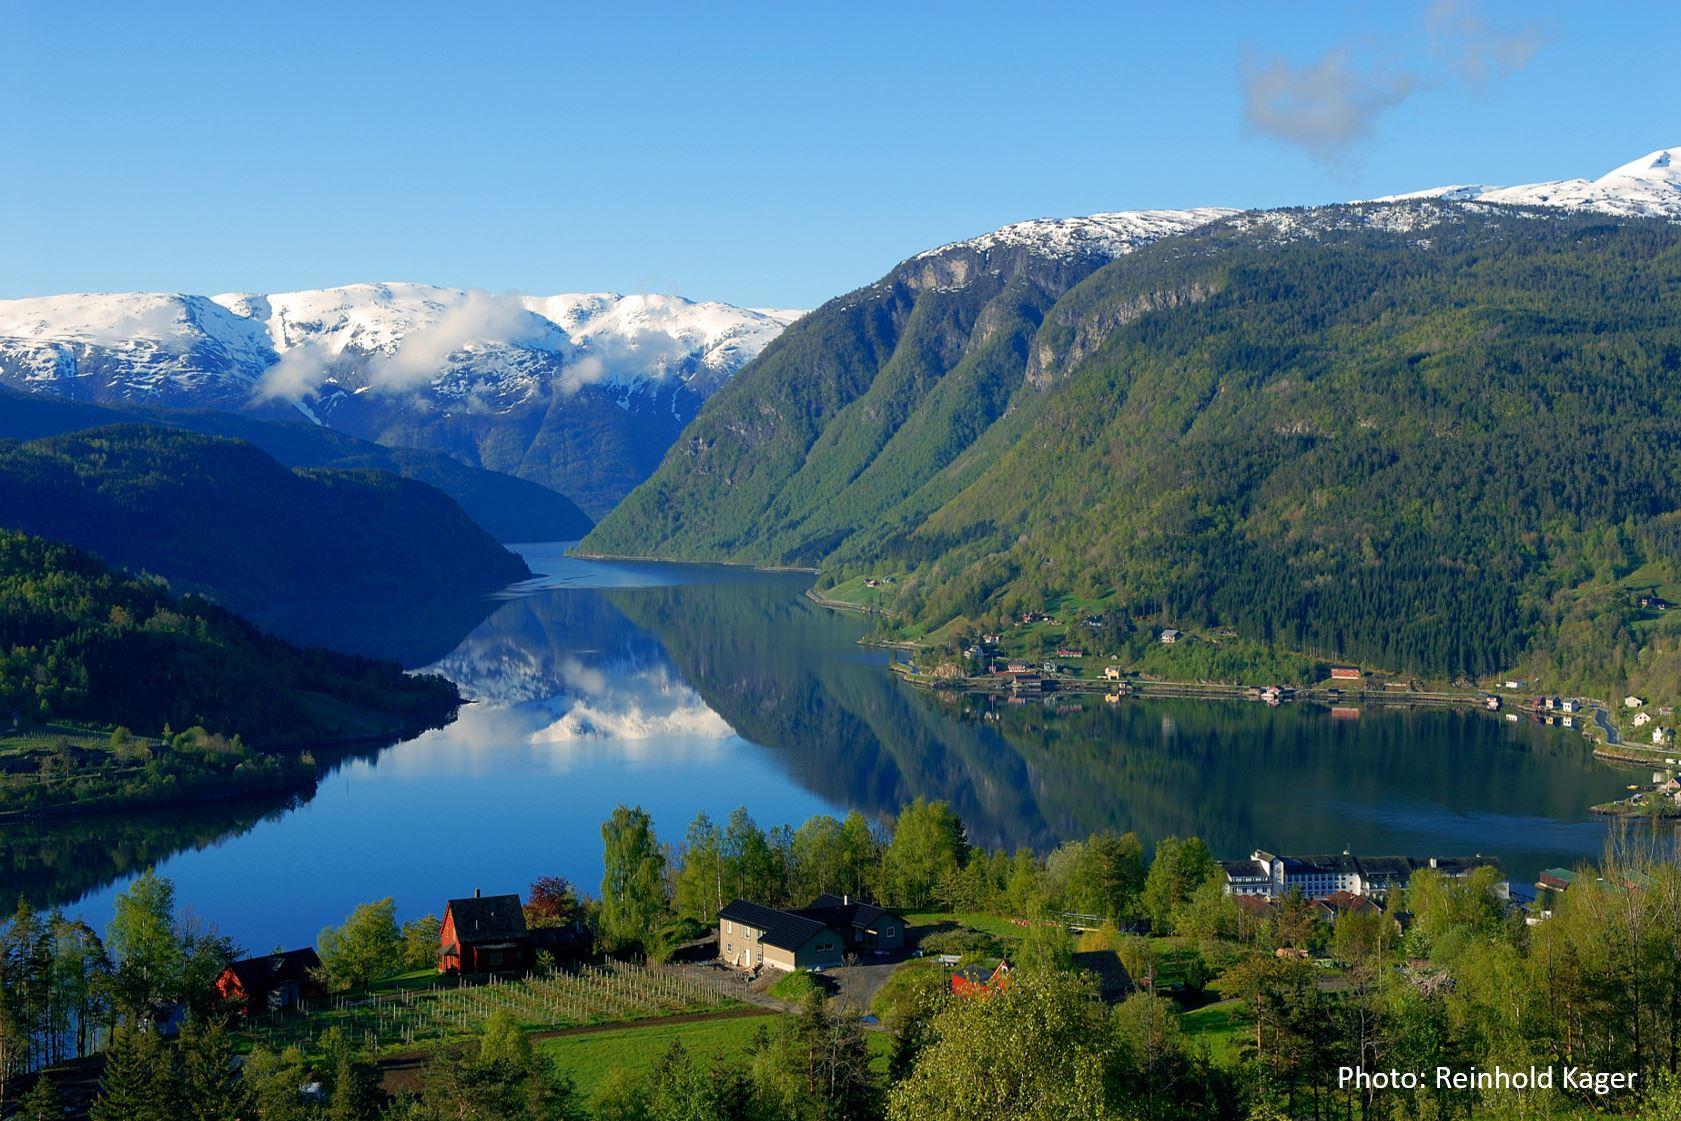 © Reinhold Kager, Travel like the locals - Ulvik in Hardanger